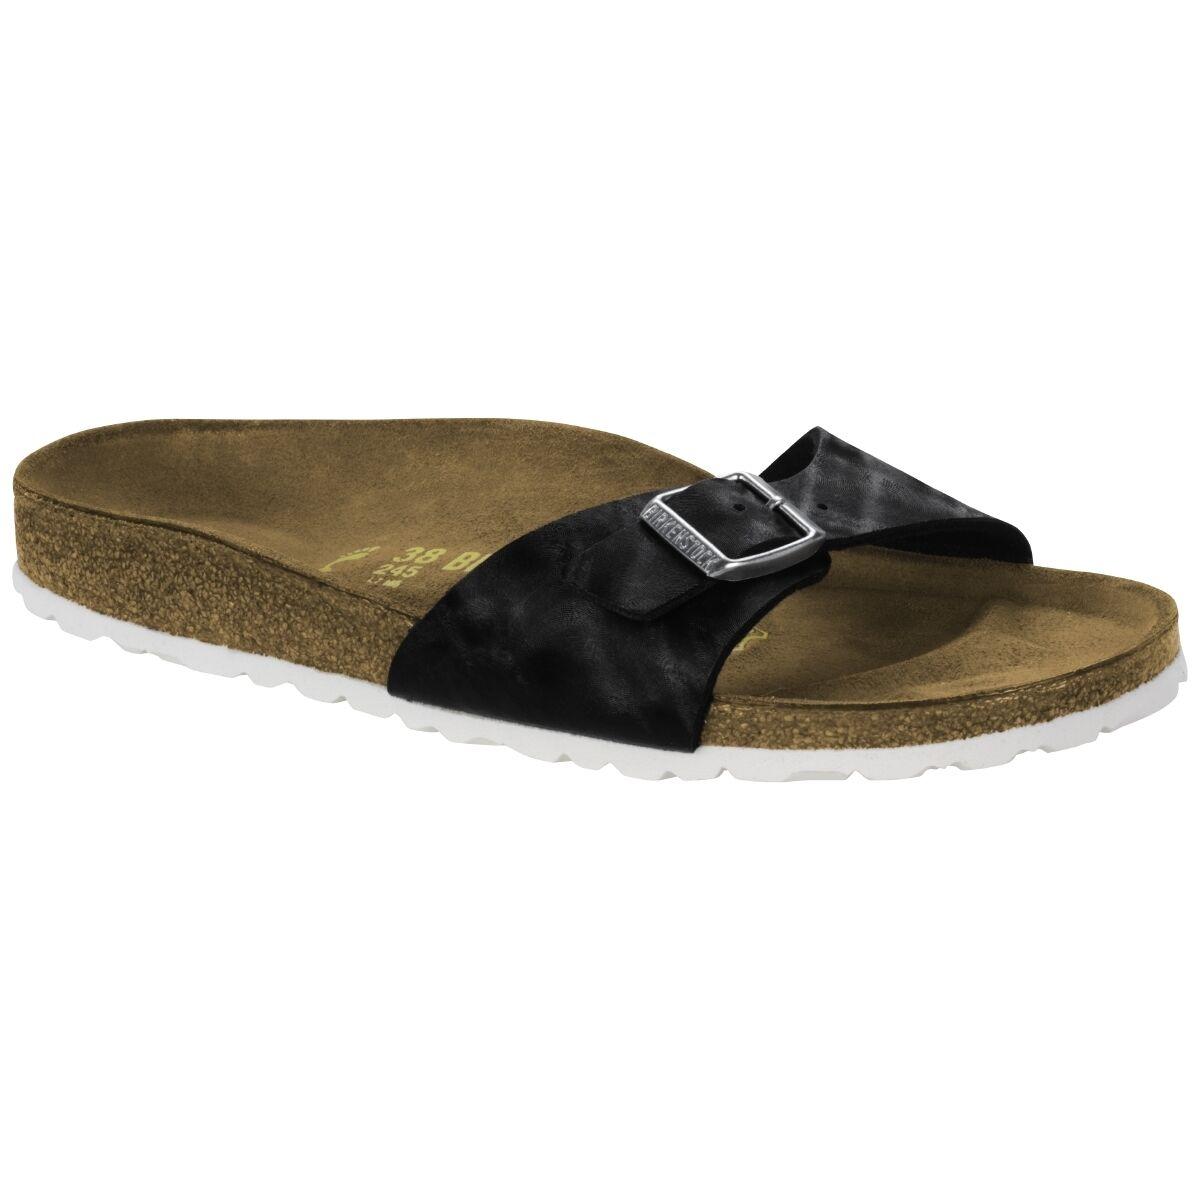 Birkenstock Madrid Birko-Flor Schuhe check schwarz 1005342 Pantolette Weite schmal